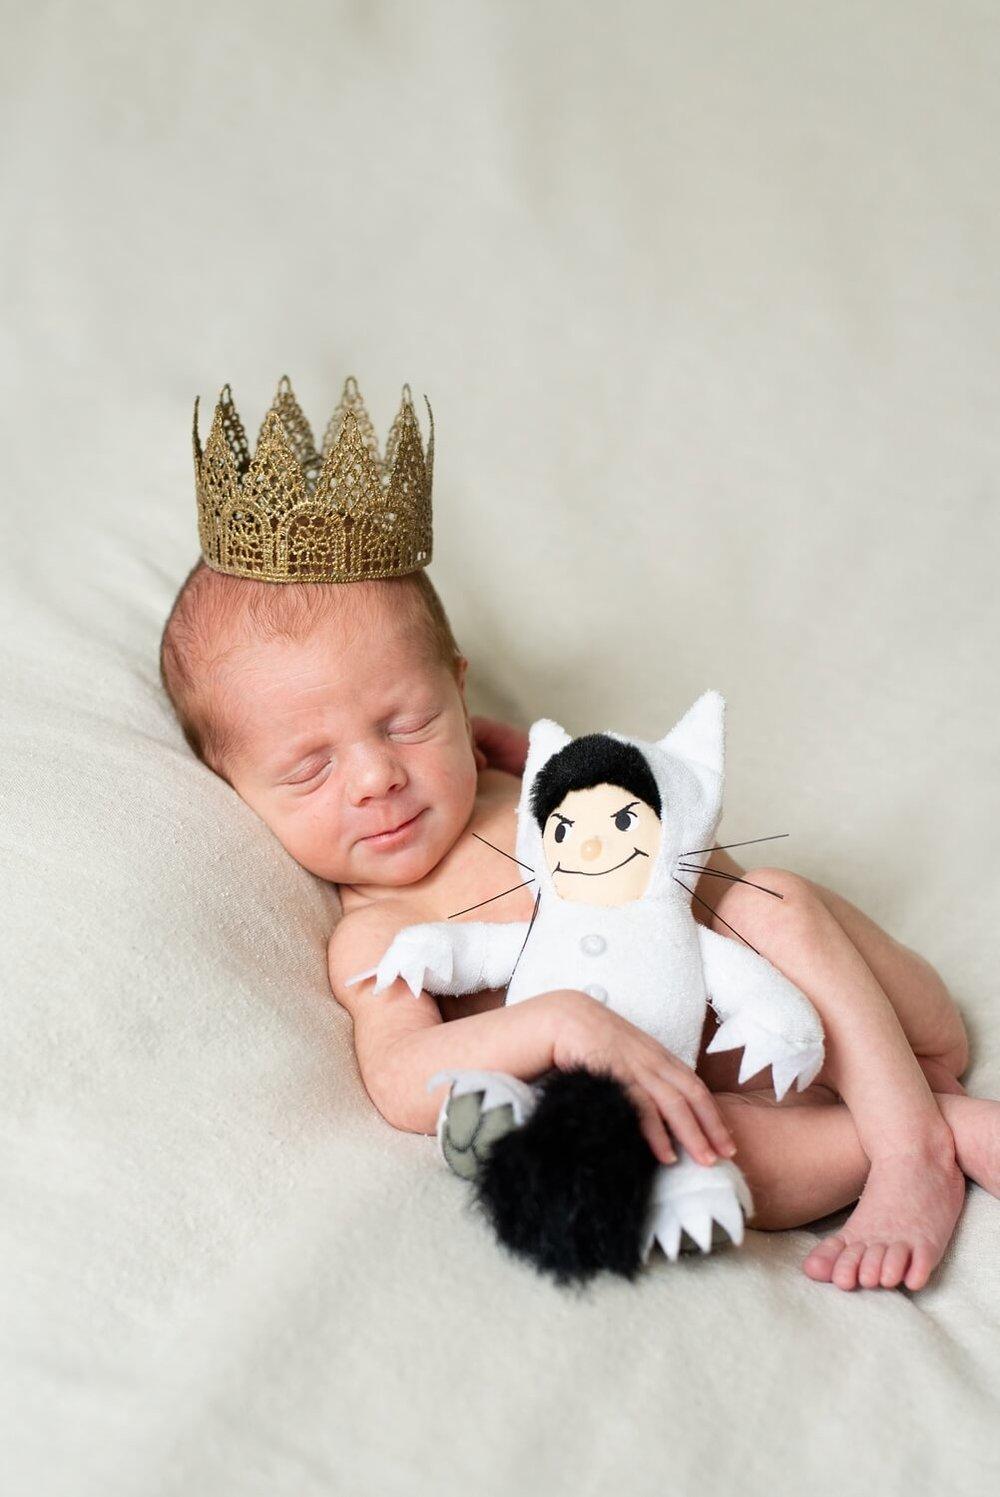 portland-twin-boys-newborn-session-shelley-marie-photo-089_cr.jpg